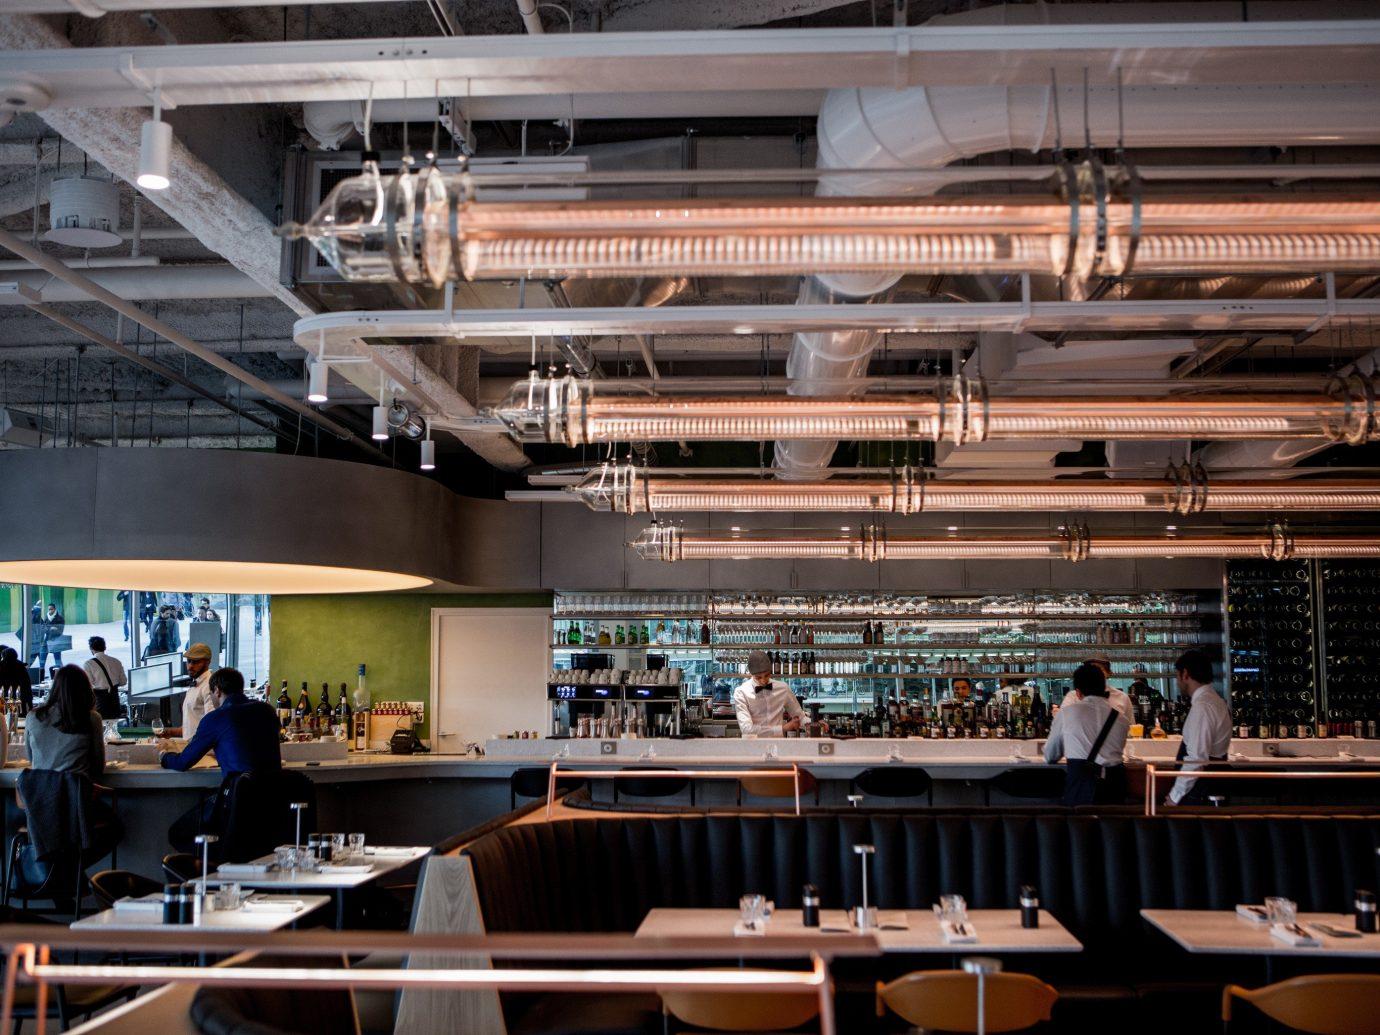 Trip Ideas building indoor ceiling restaurant interior design auditorium convention center Design meal several